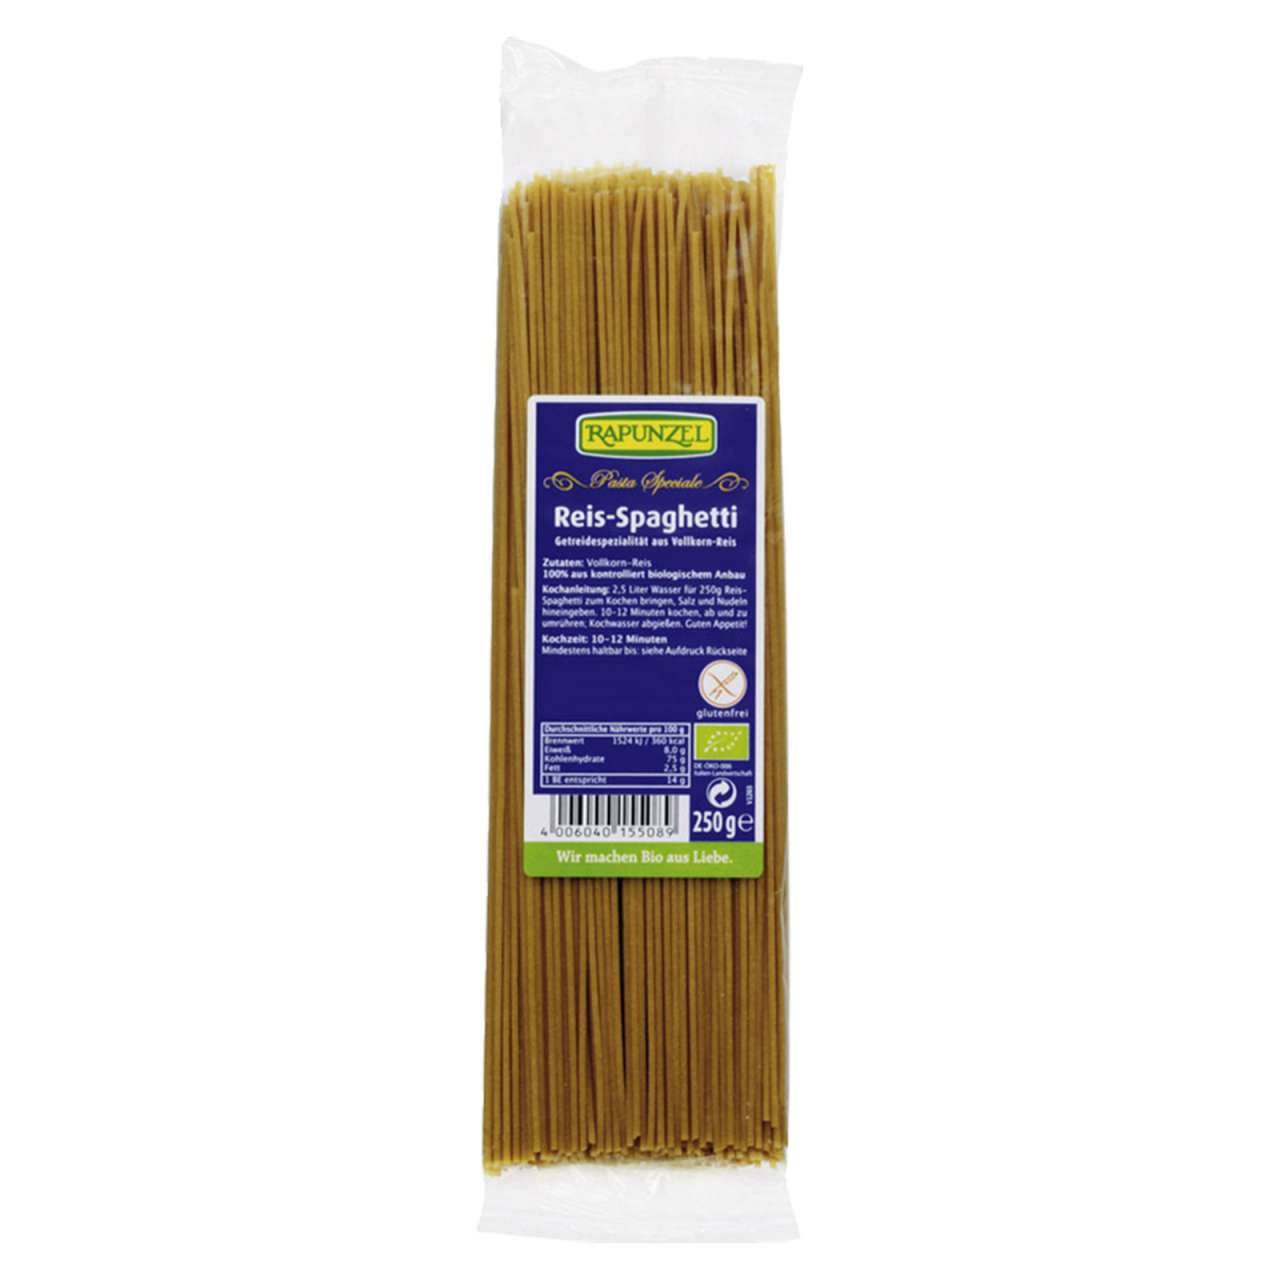 Angebotsbild für Reis Spaghetti: Feine glutenfreie Spaghetti-Gerichte kochen von PureNature